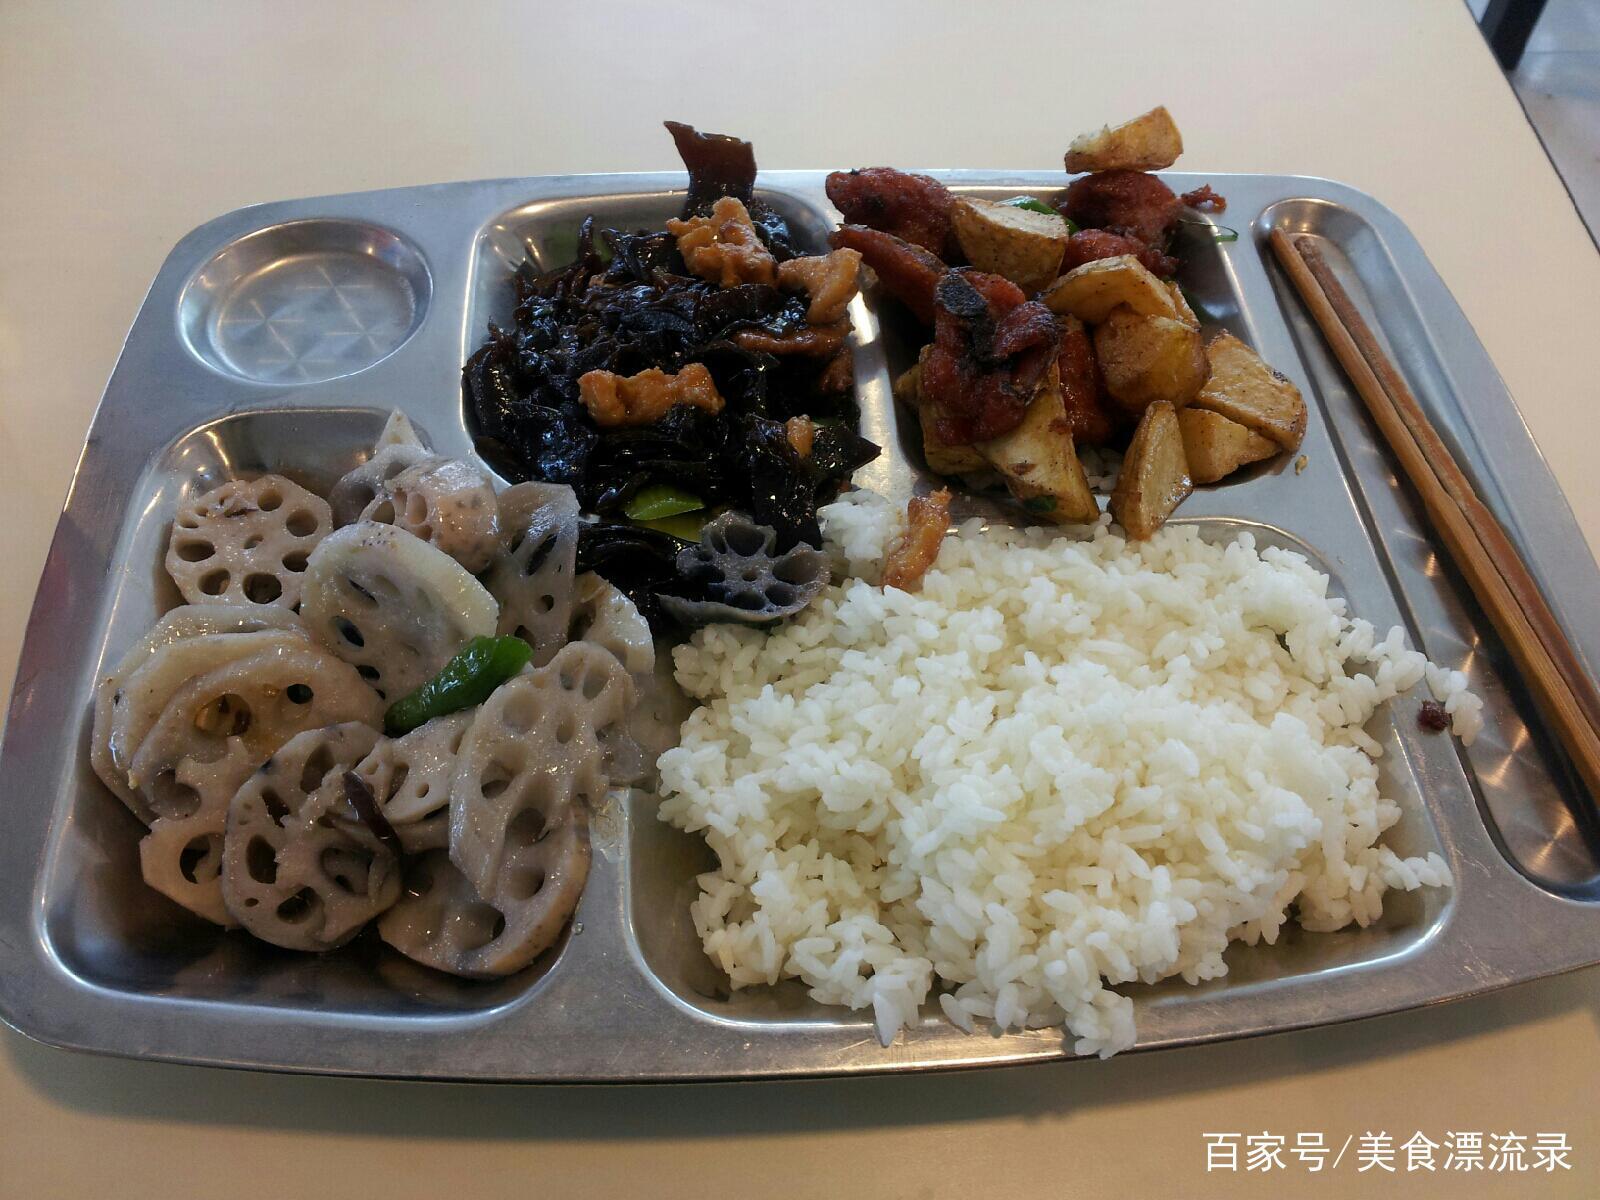 美国学生的午餐,日本学生的午餐,中国学生的午餐,还是